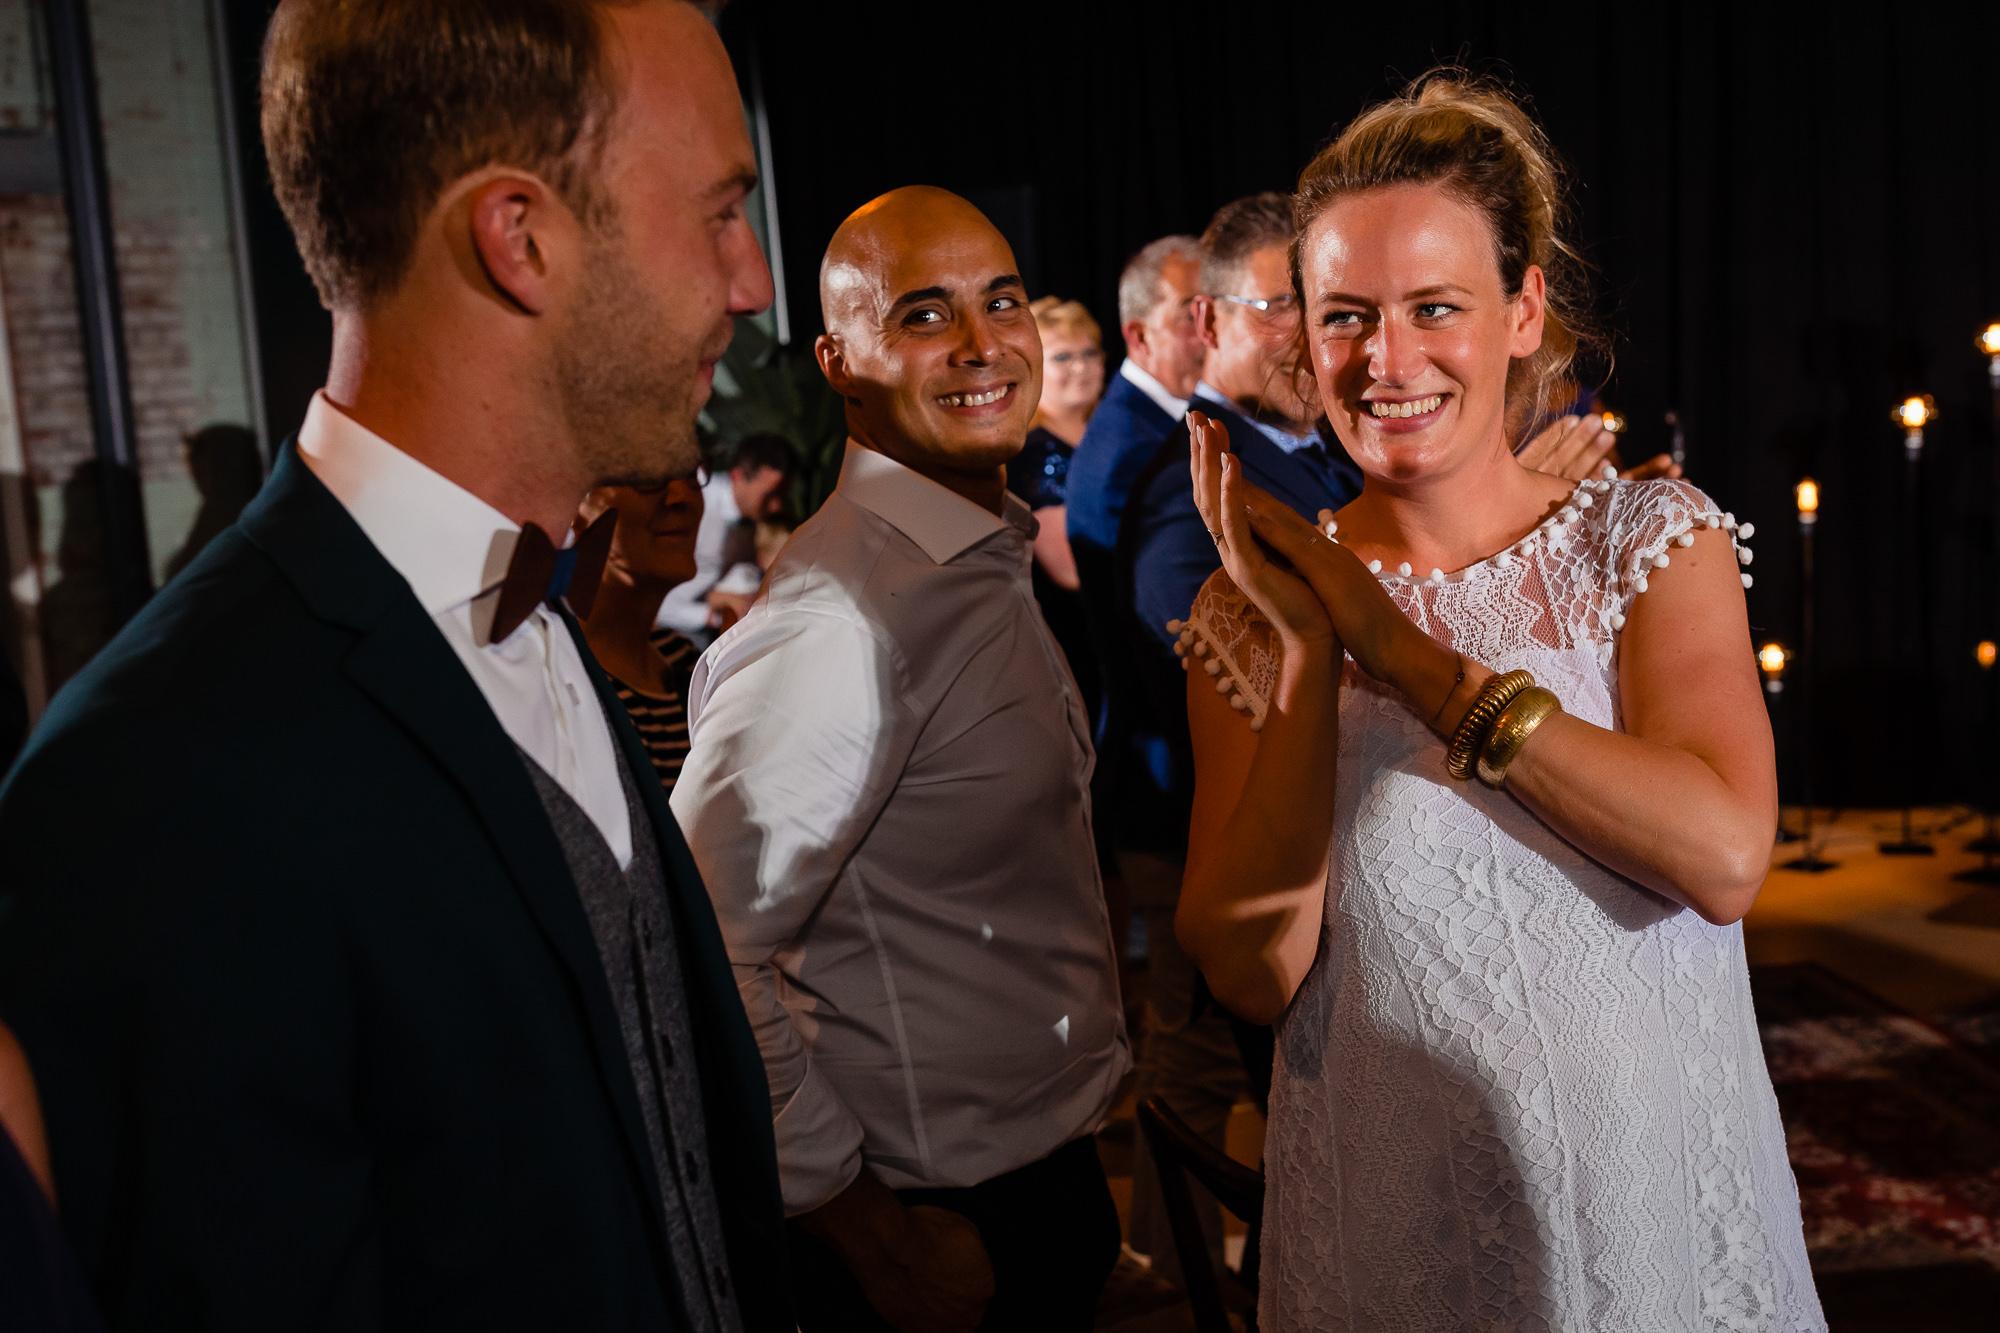 Weddingplanner kijkt vol trots naar de bruidegom